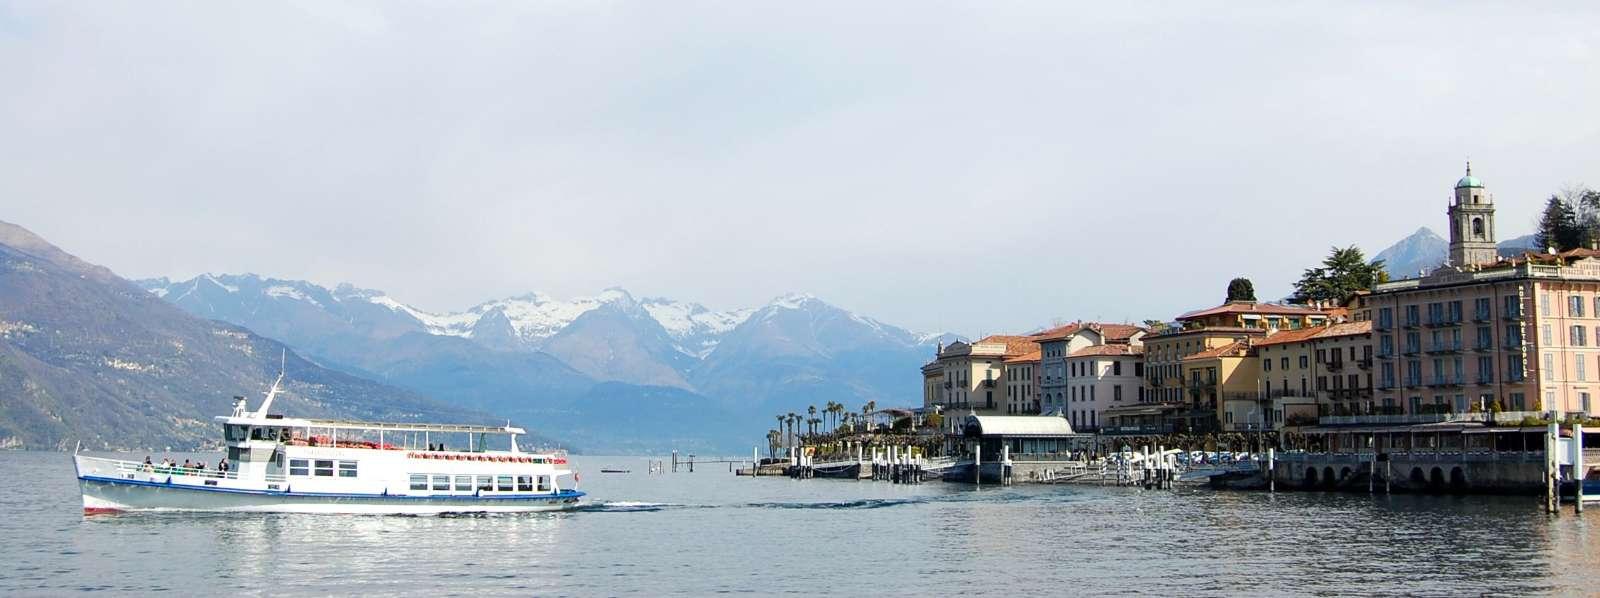 Färjtrafiken skapar stämning på sjön